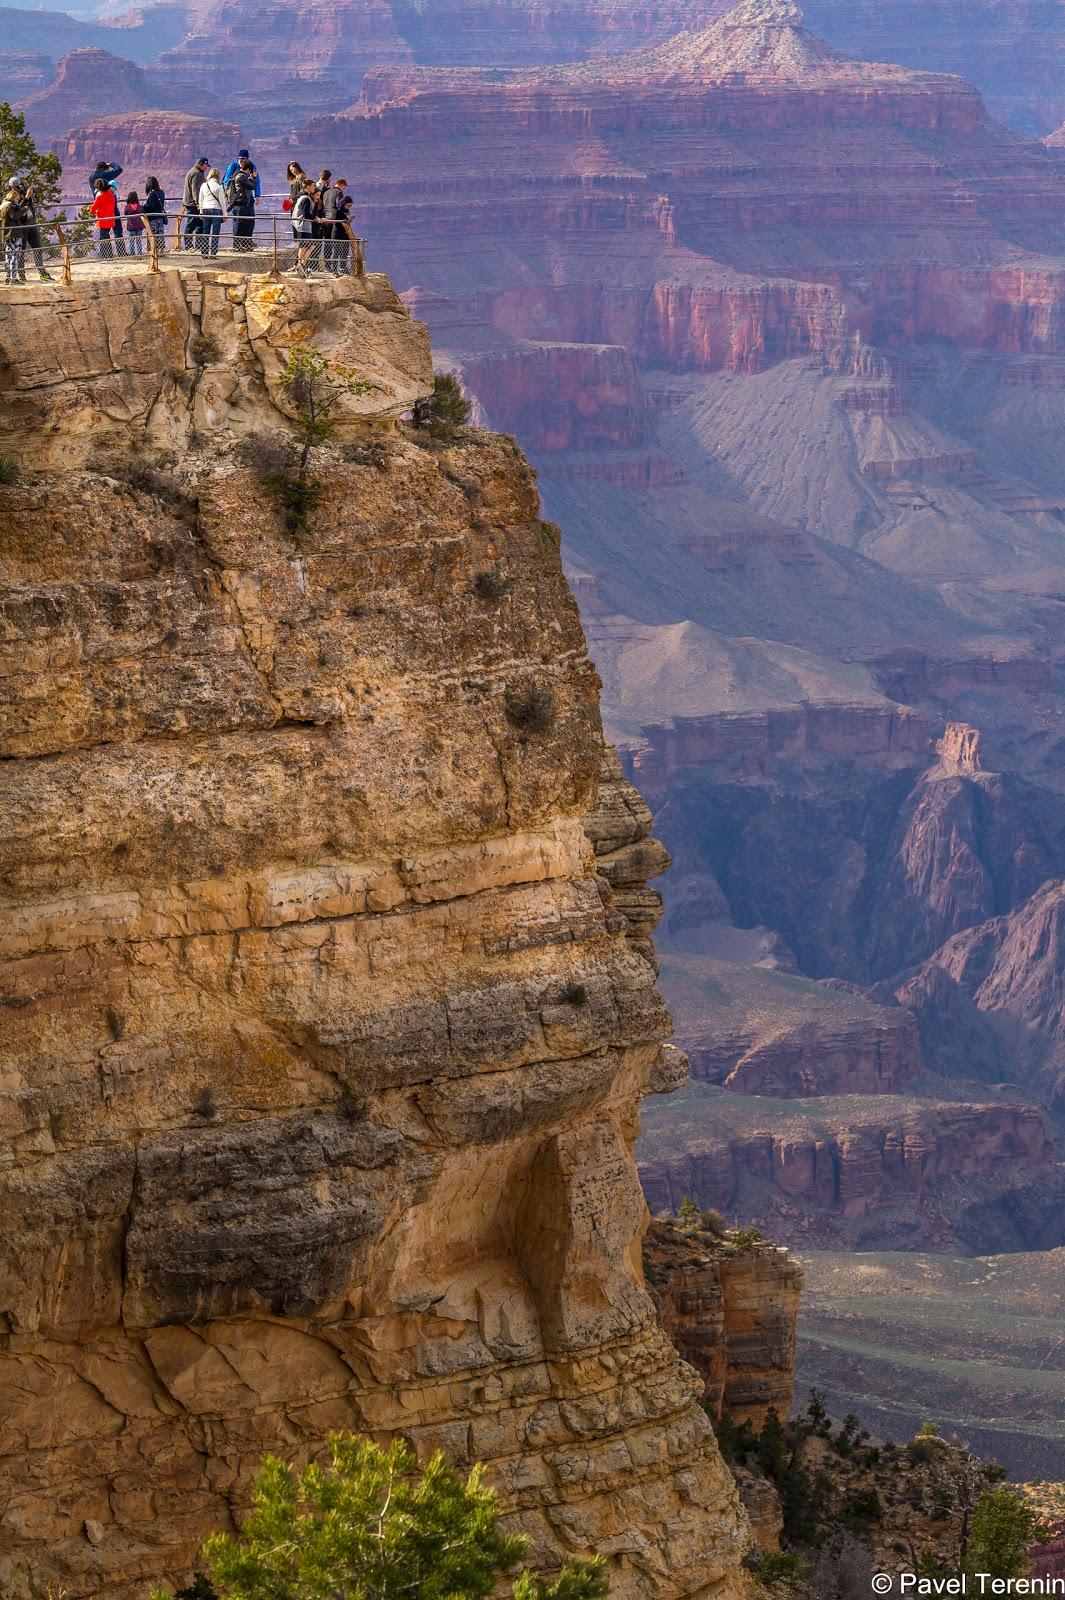 Каньон привлекает своими поистине неземными пейзажами около 4 млн. туристов в год из разных уголков планеты.